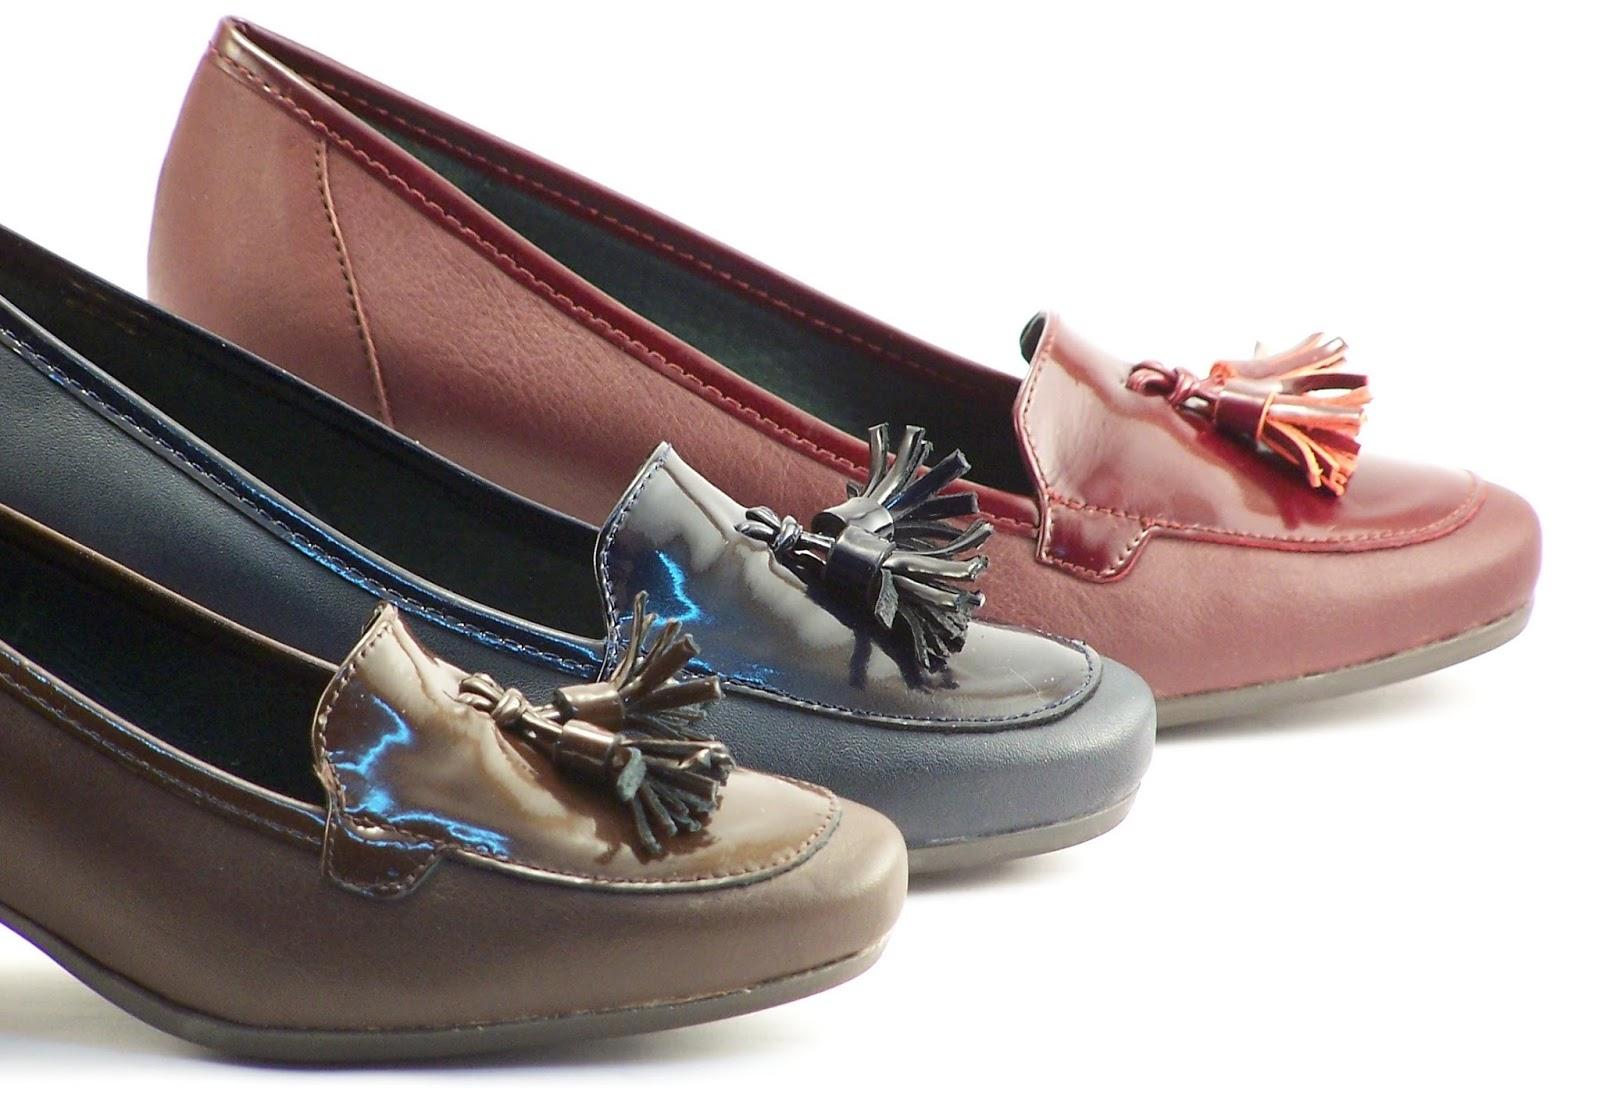 71ff12cf4 Desde la temporada pasada Patricia Miller lanzó una línea de zapatos  buscando más comodidad y la identificó con unas suelas especiales así como  con cajas ...